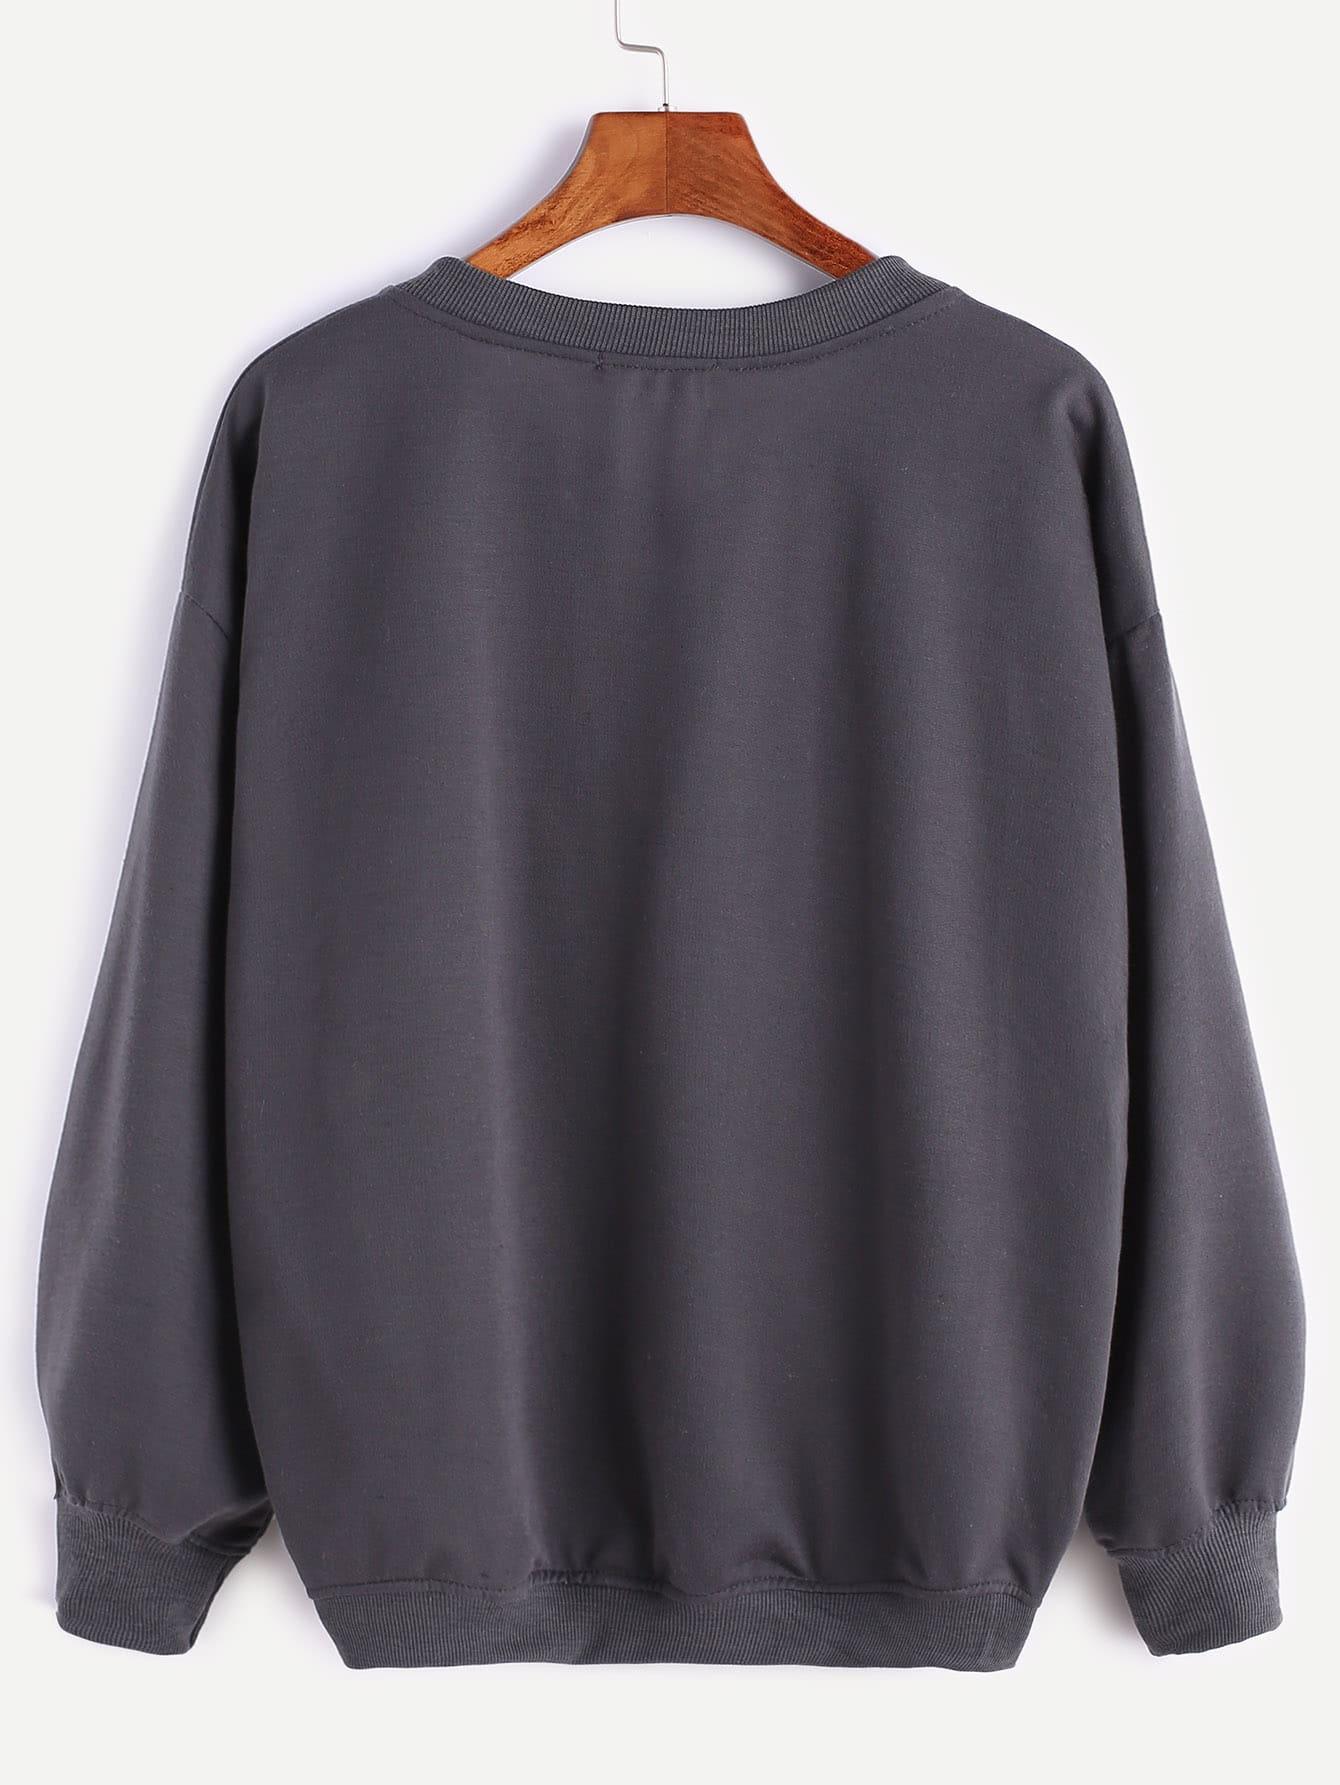 sweatershirt161124302_2